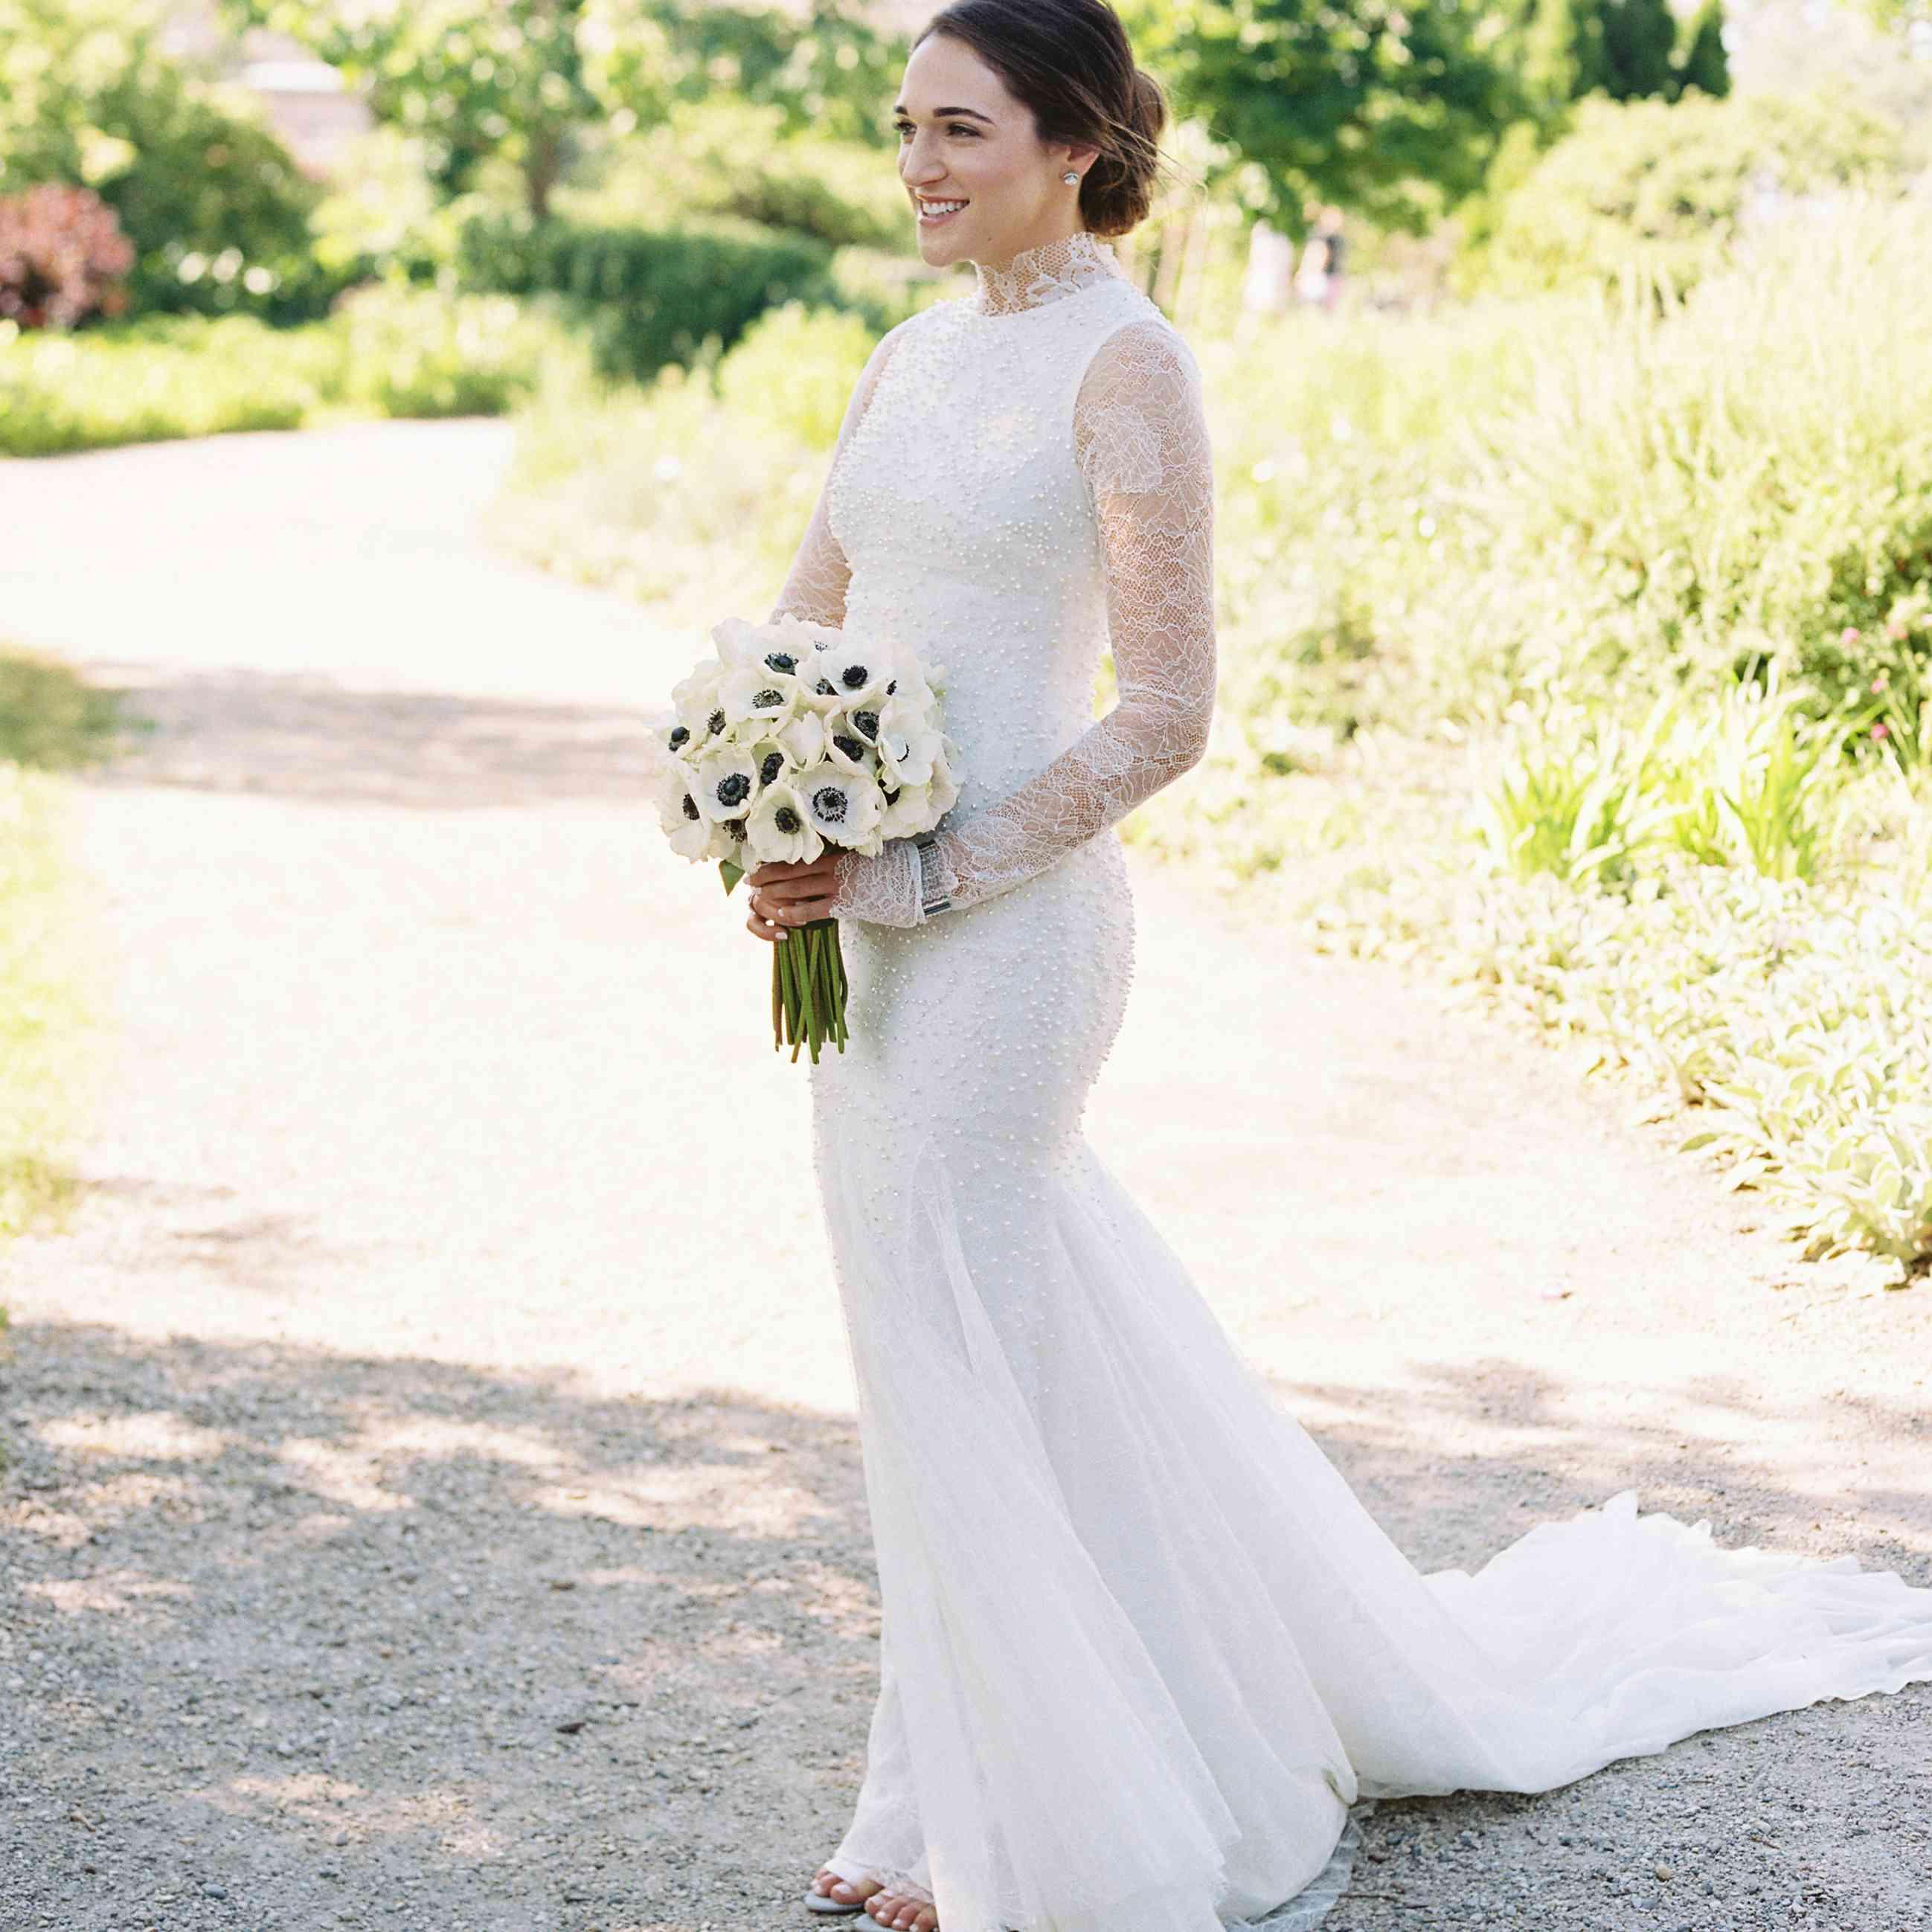 <p>Solo shot of bride</p><br><br>